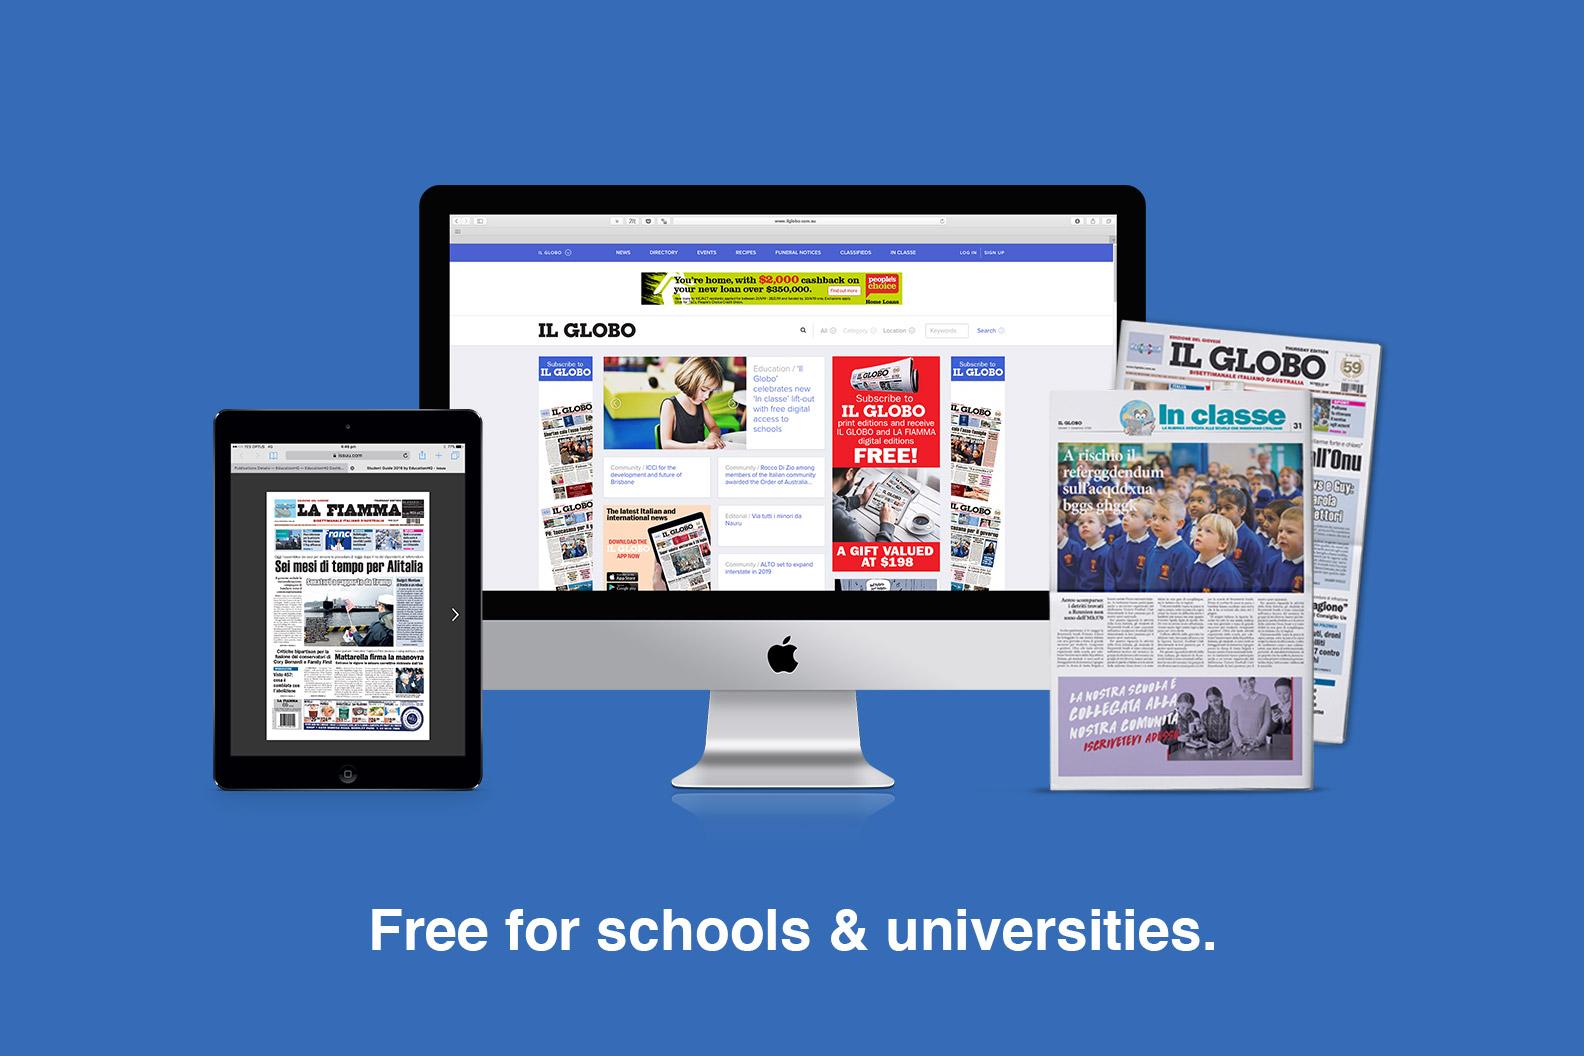 Free for schools & universities